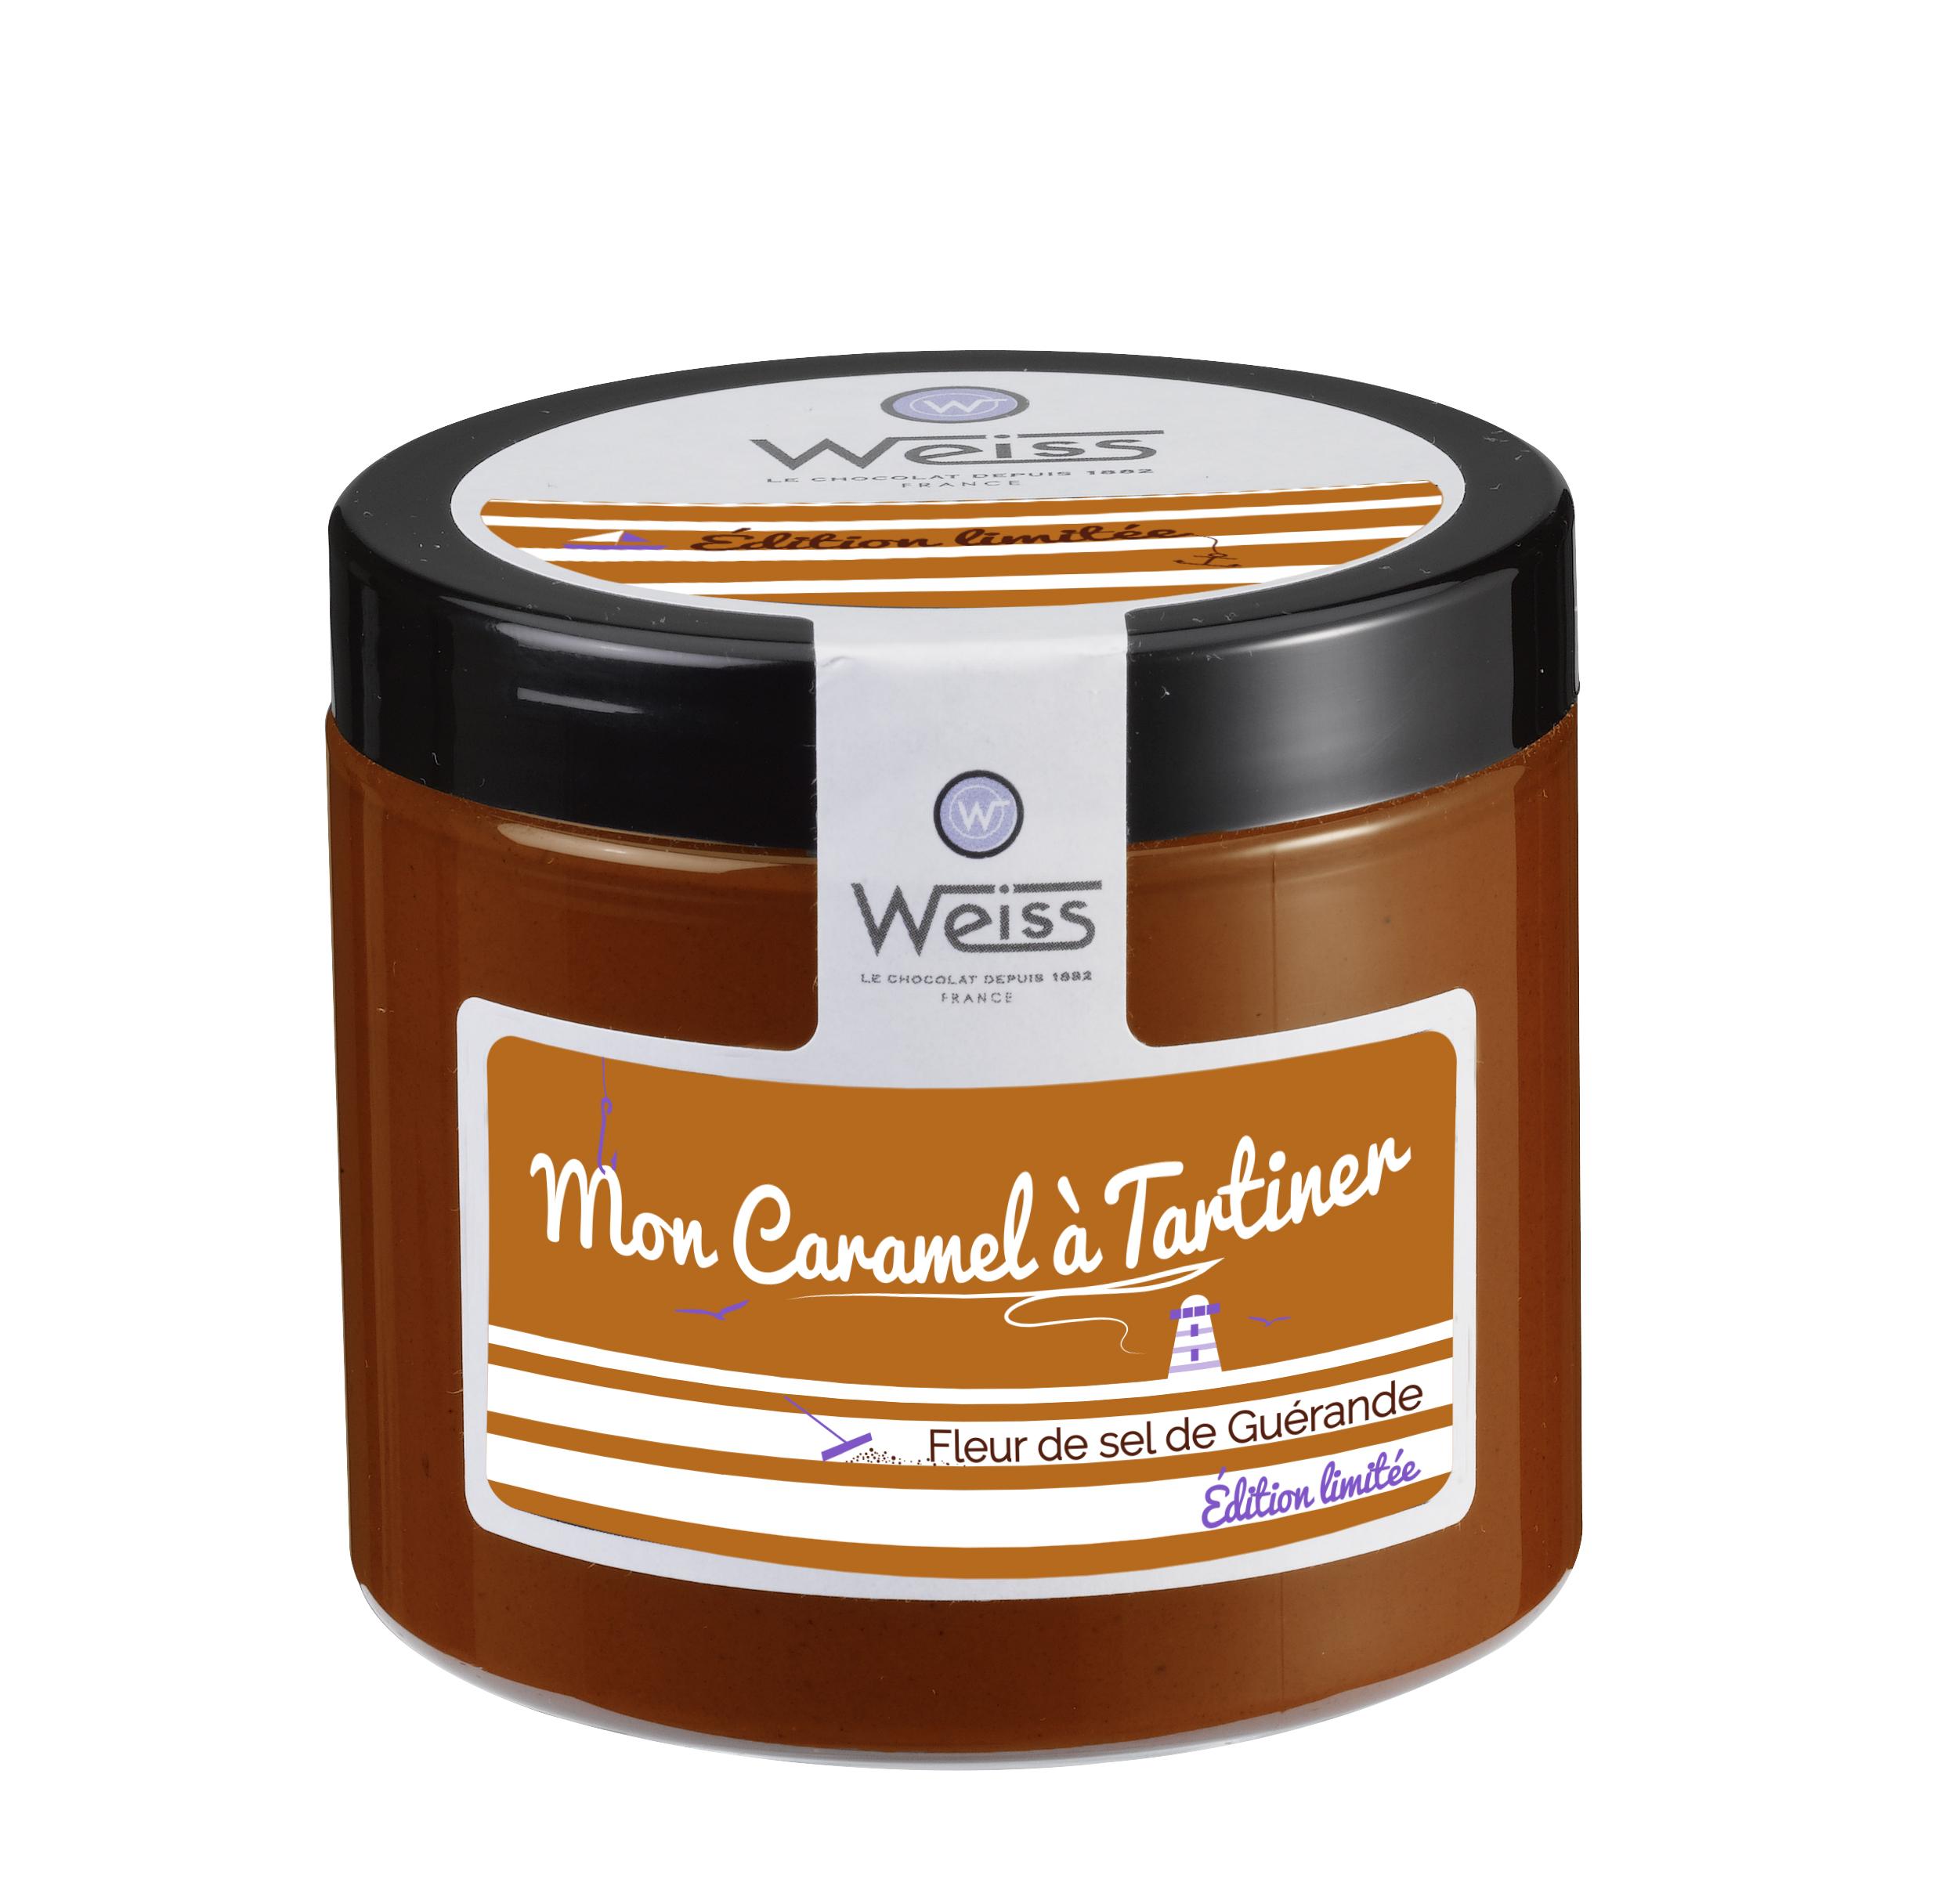 Caramel à tartiner, Weiss (250 g)